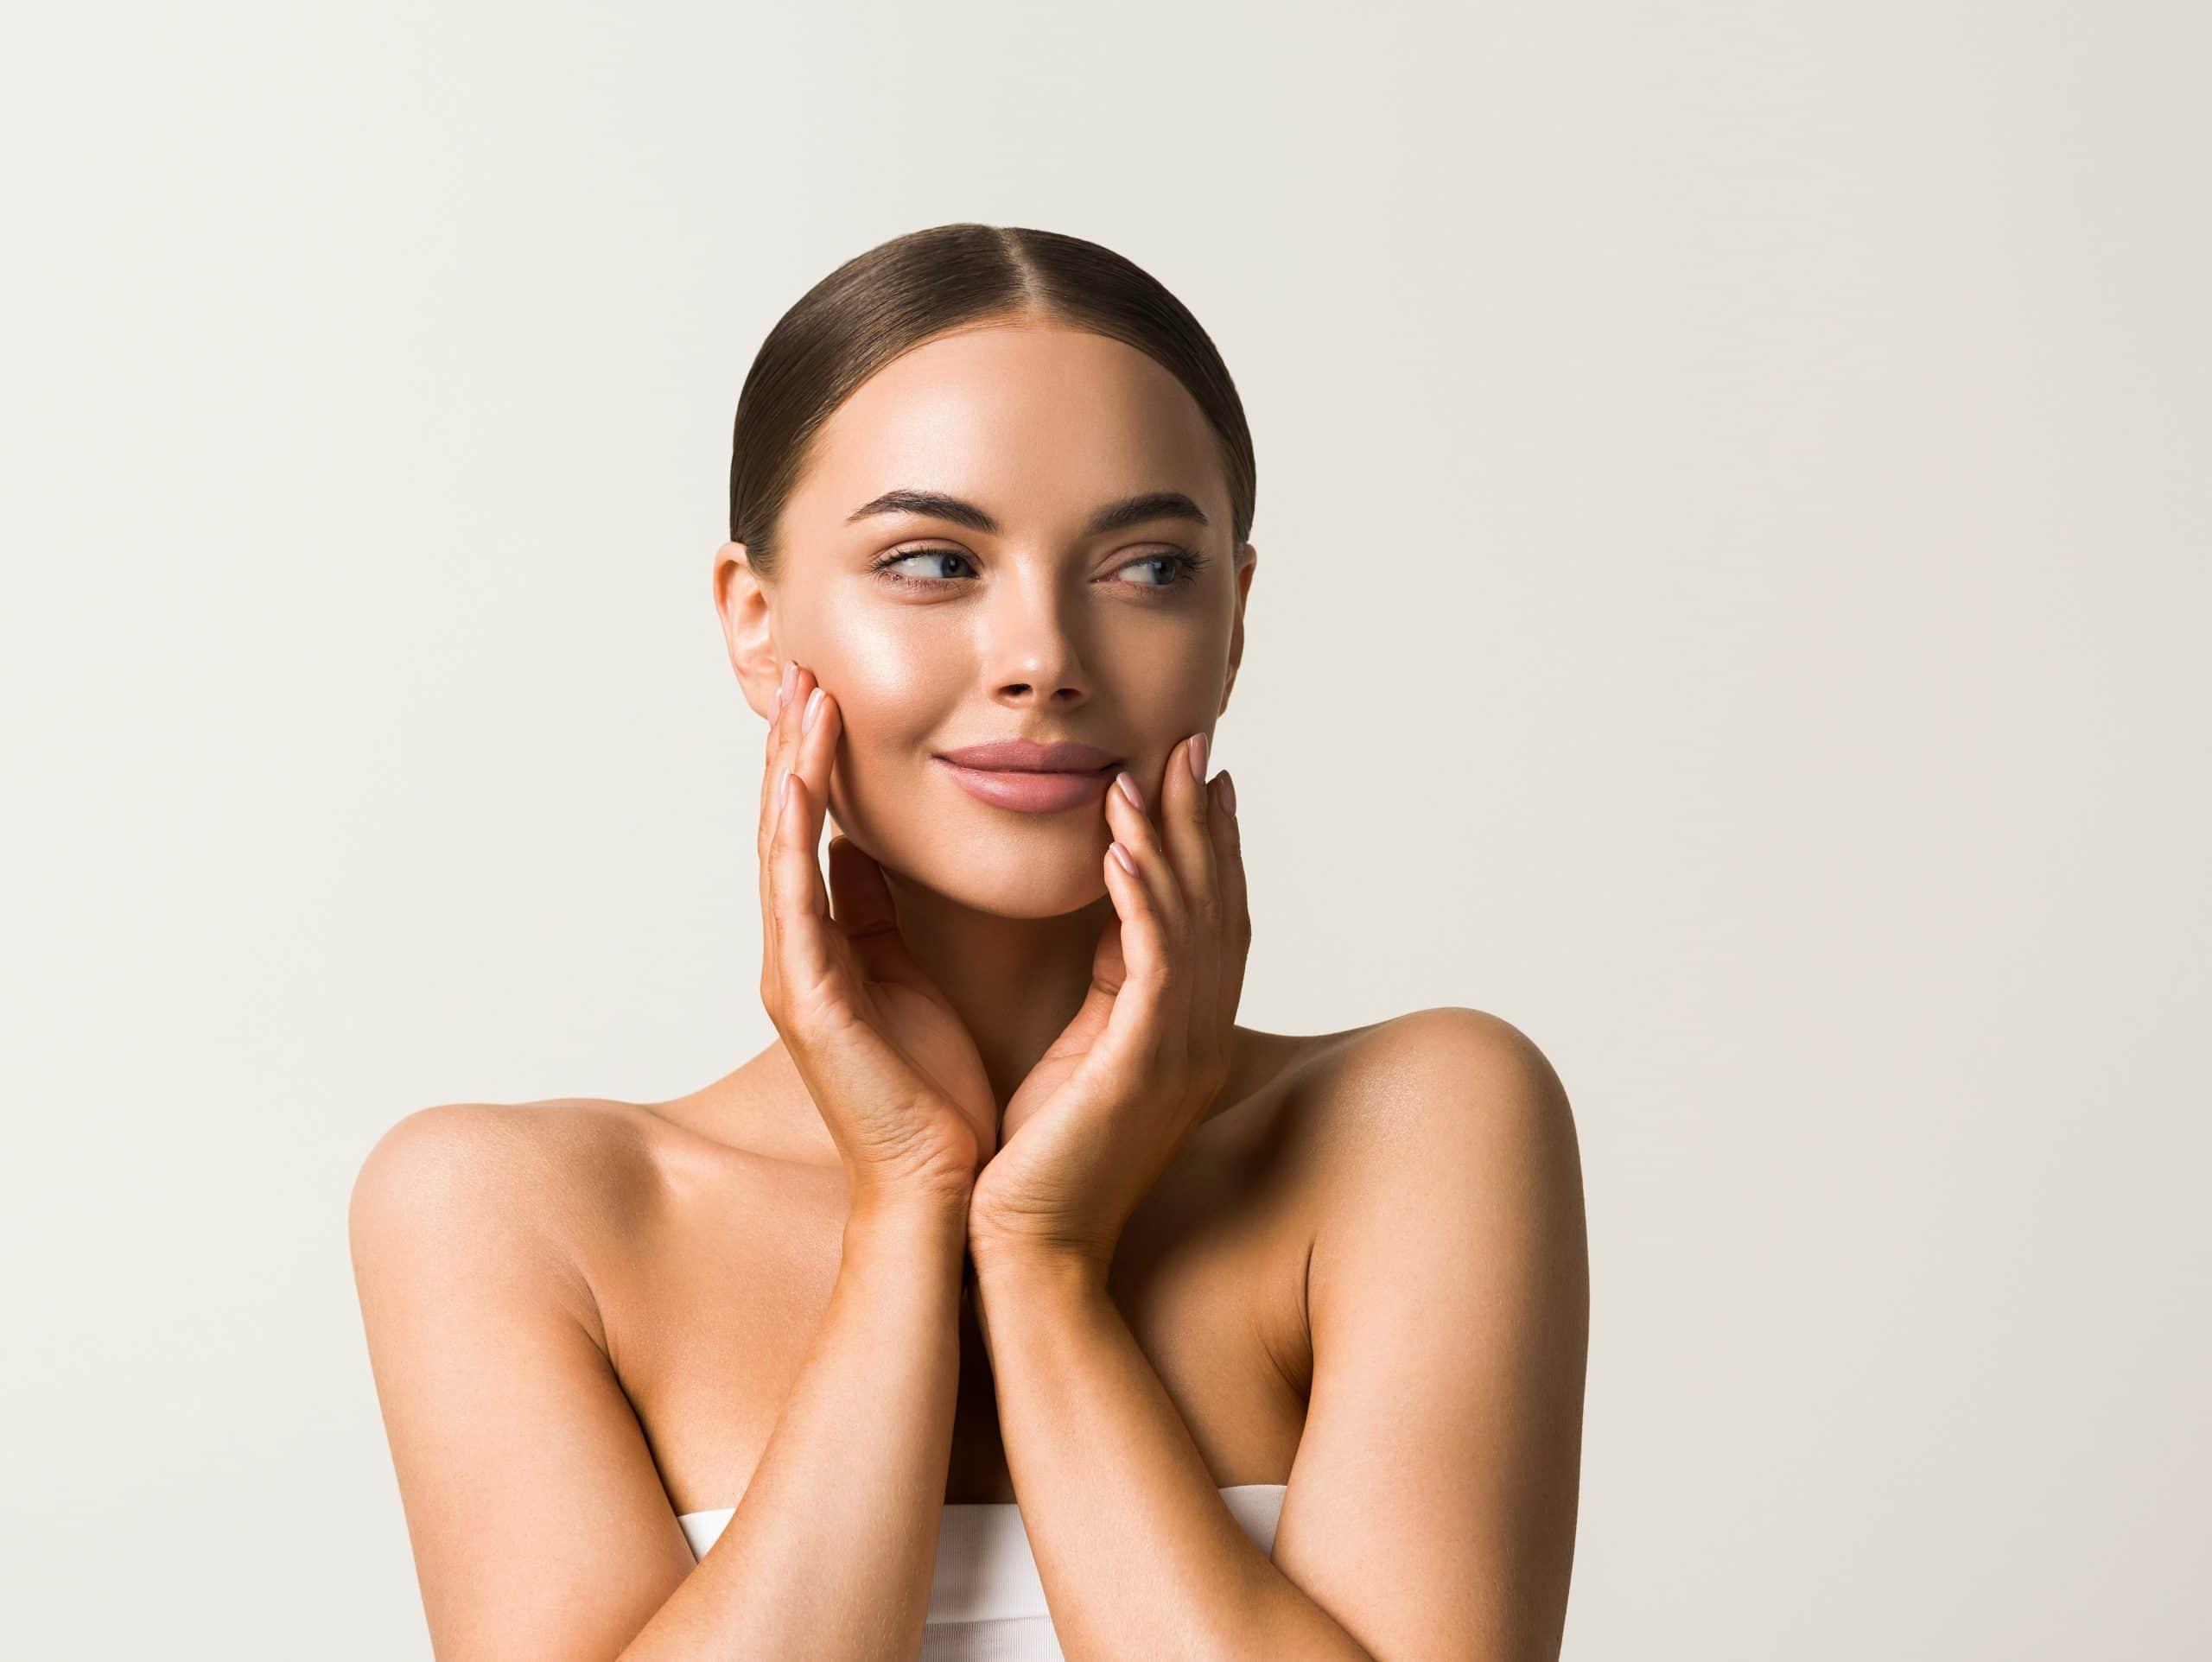 Female Cosmetic Clean Skin Beauty portrait